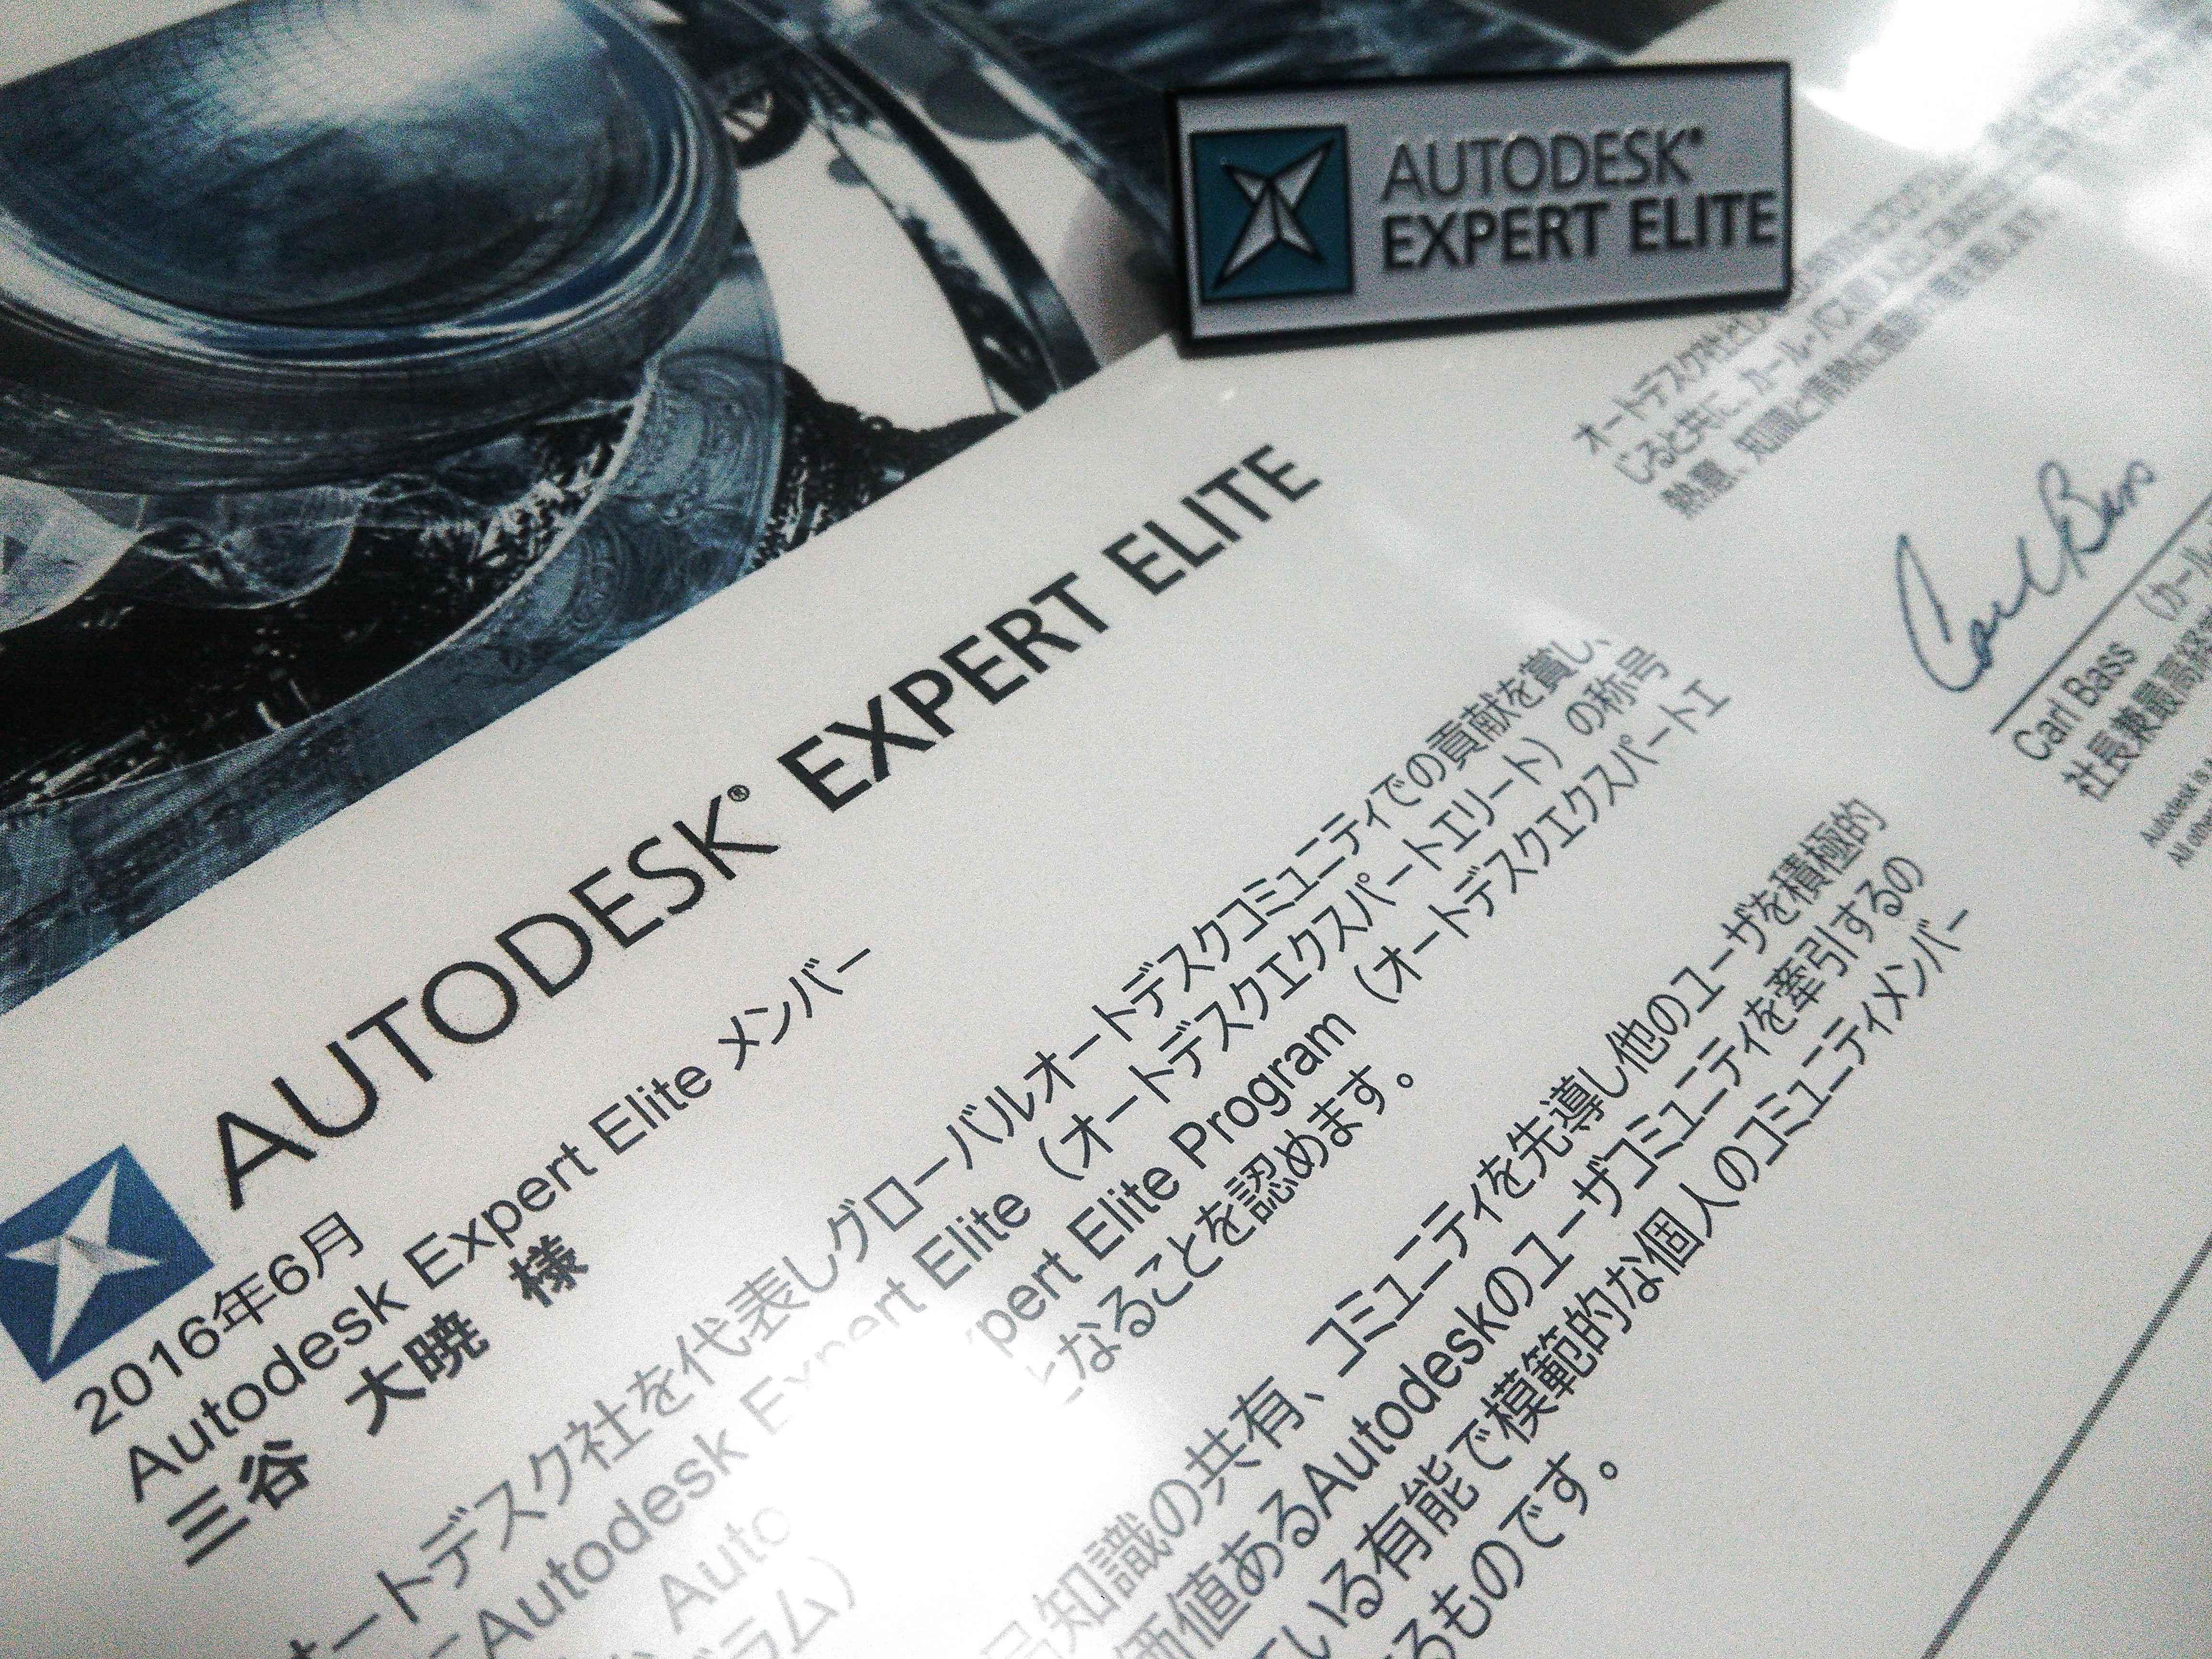 Autodesk Expert Eliteになりました!